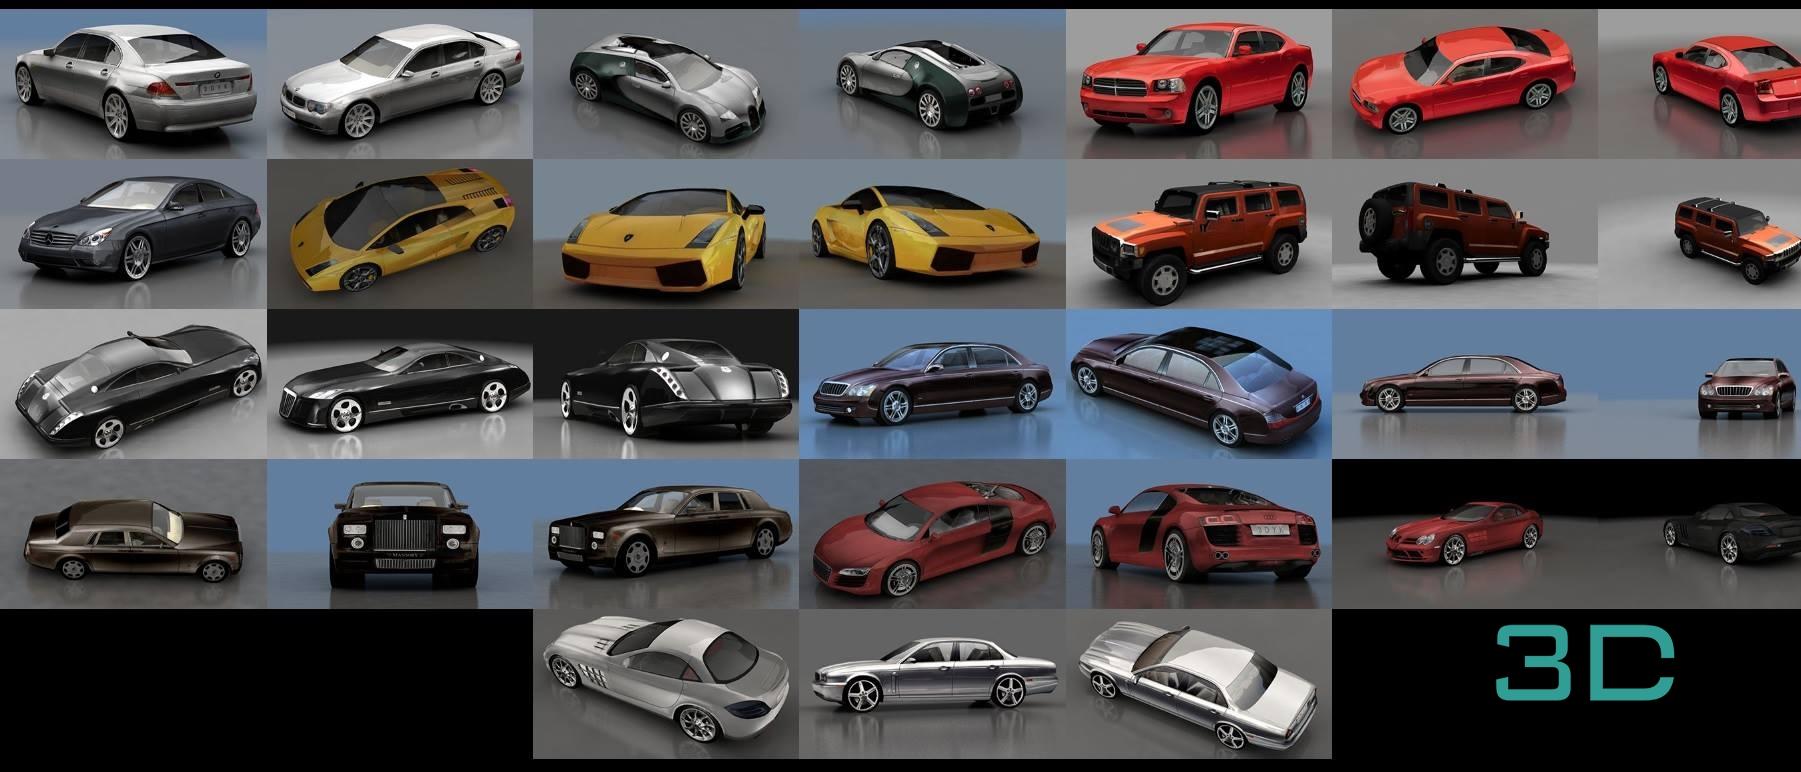 04 Car 3dsmax File Free Download 3dmili 2020 Download 3d Model Free 3d Models 3d Model Download